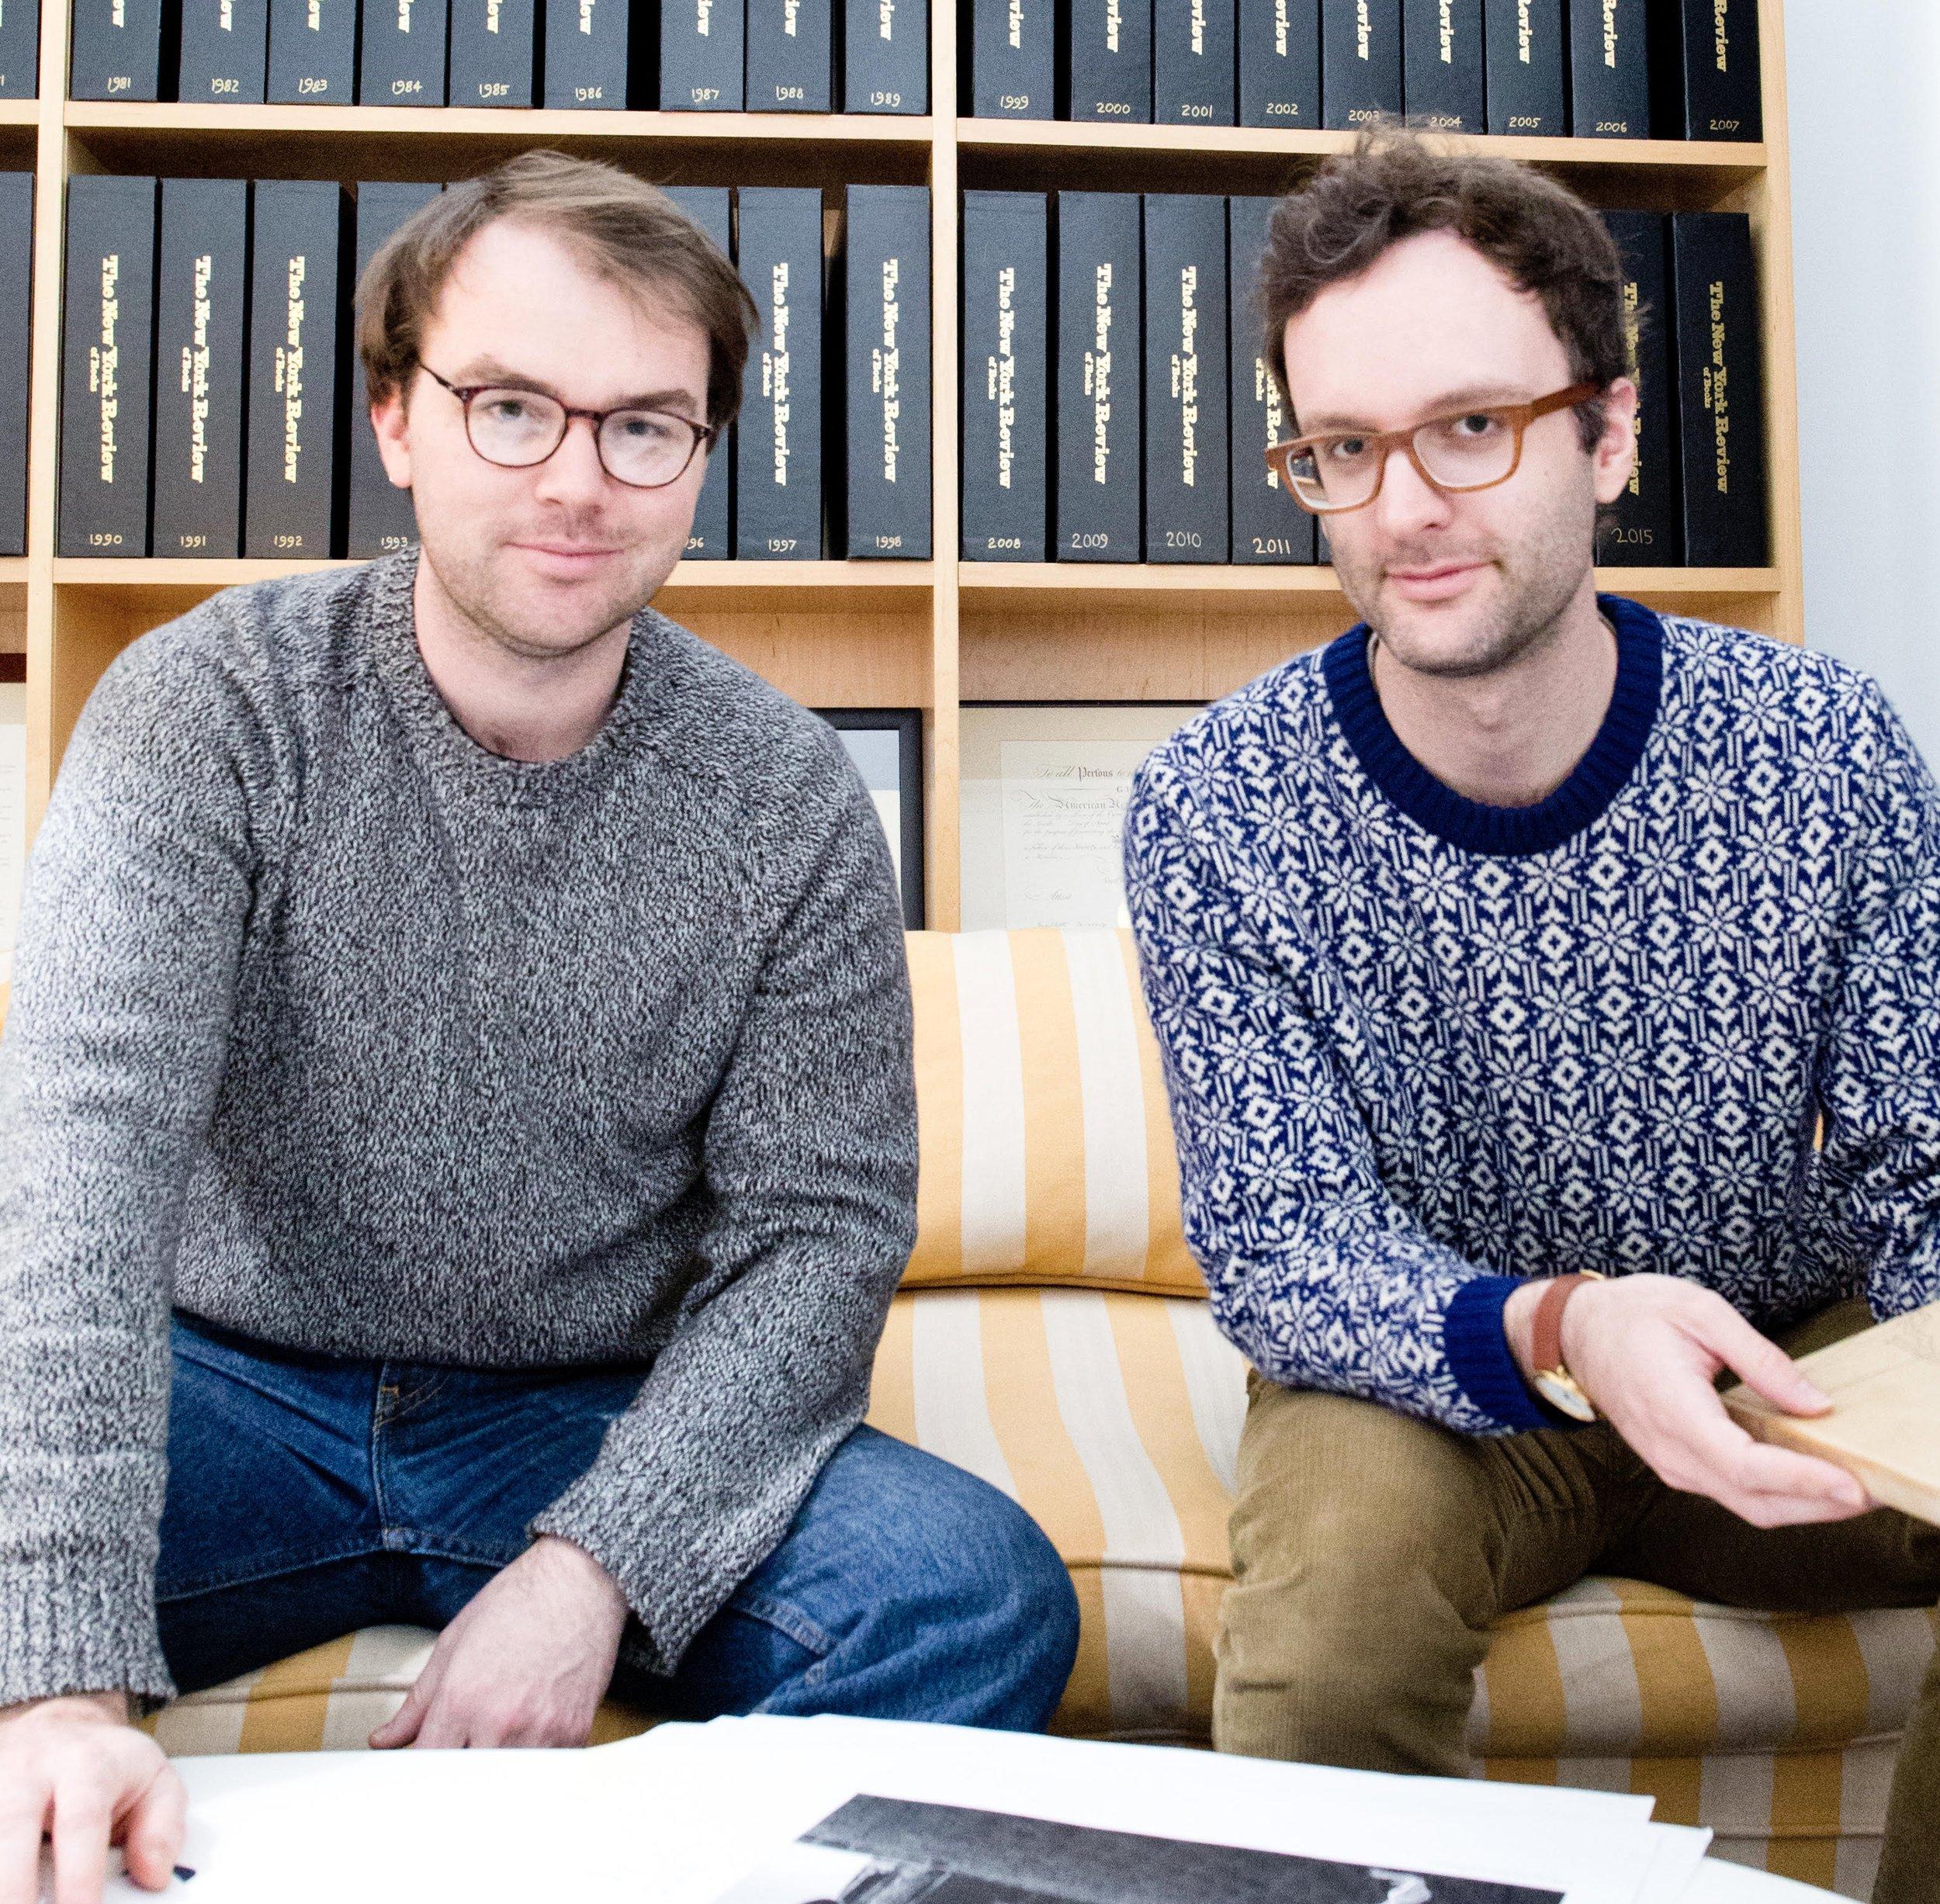 NYR Comics co-editors